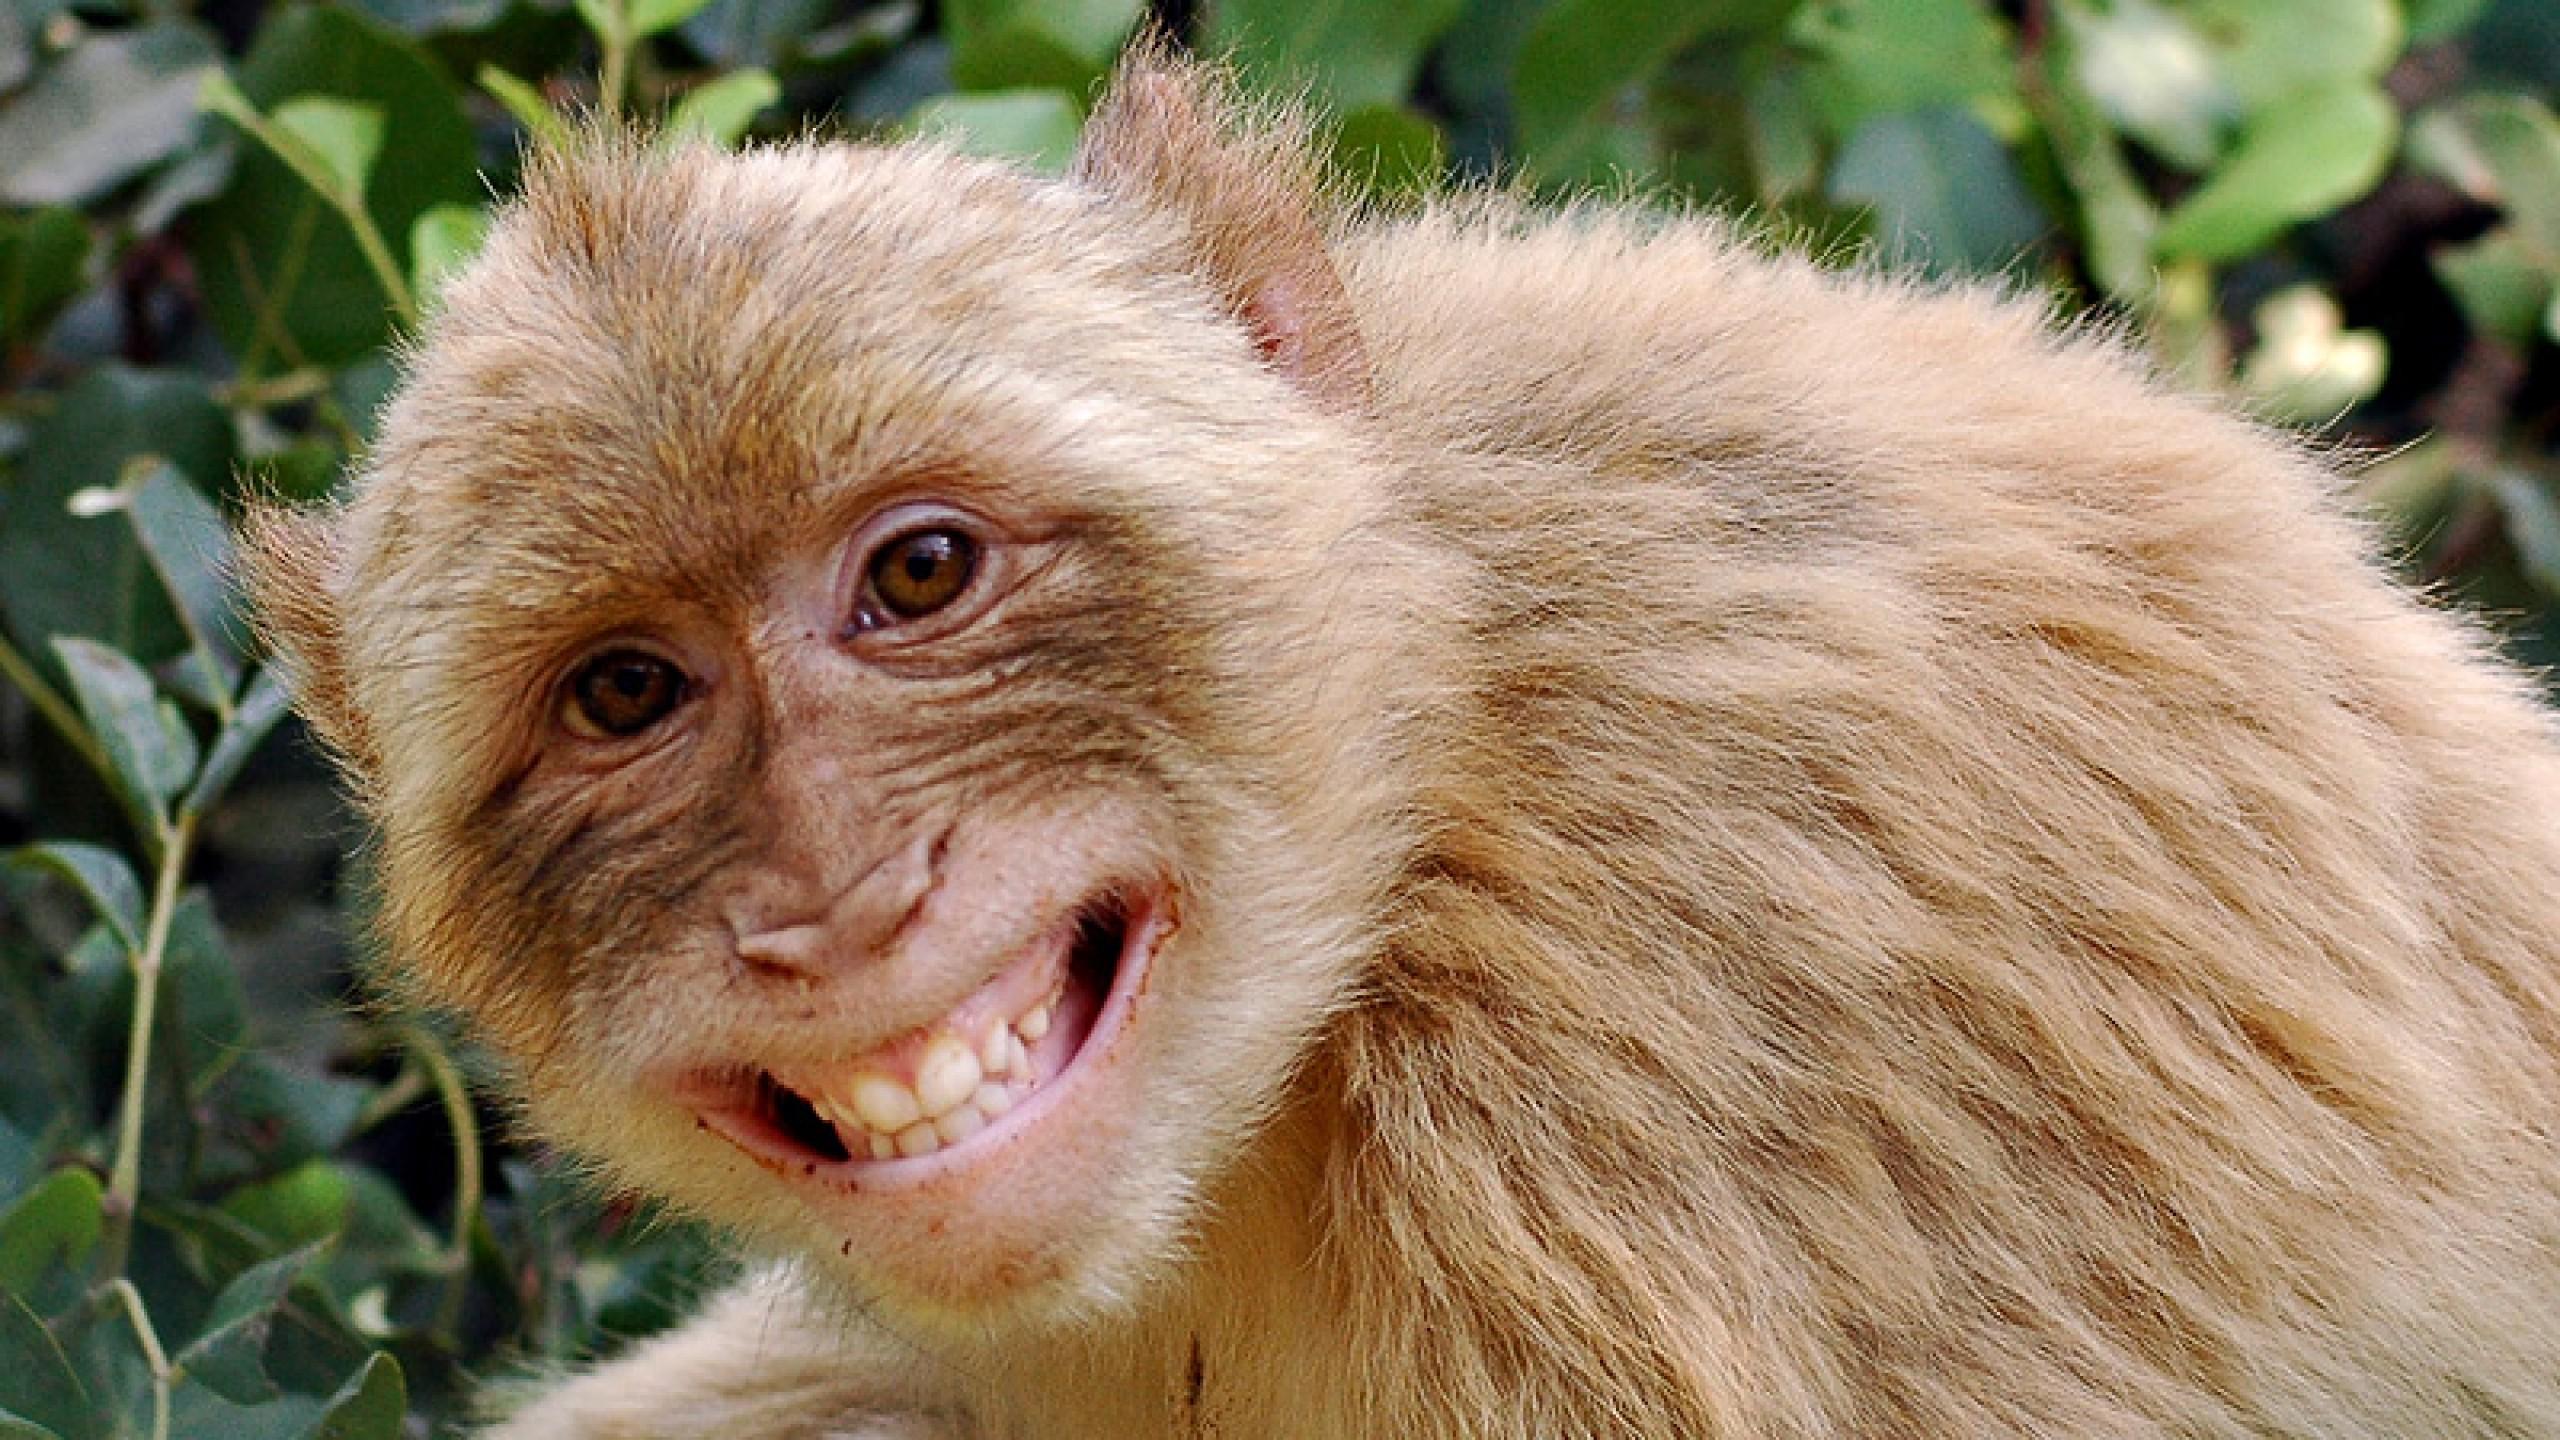 Cute Monkeys Wallpaper Page 1